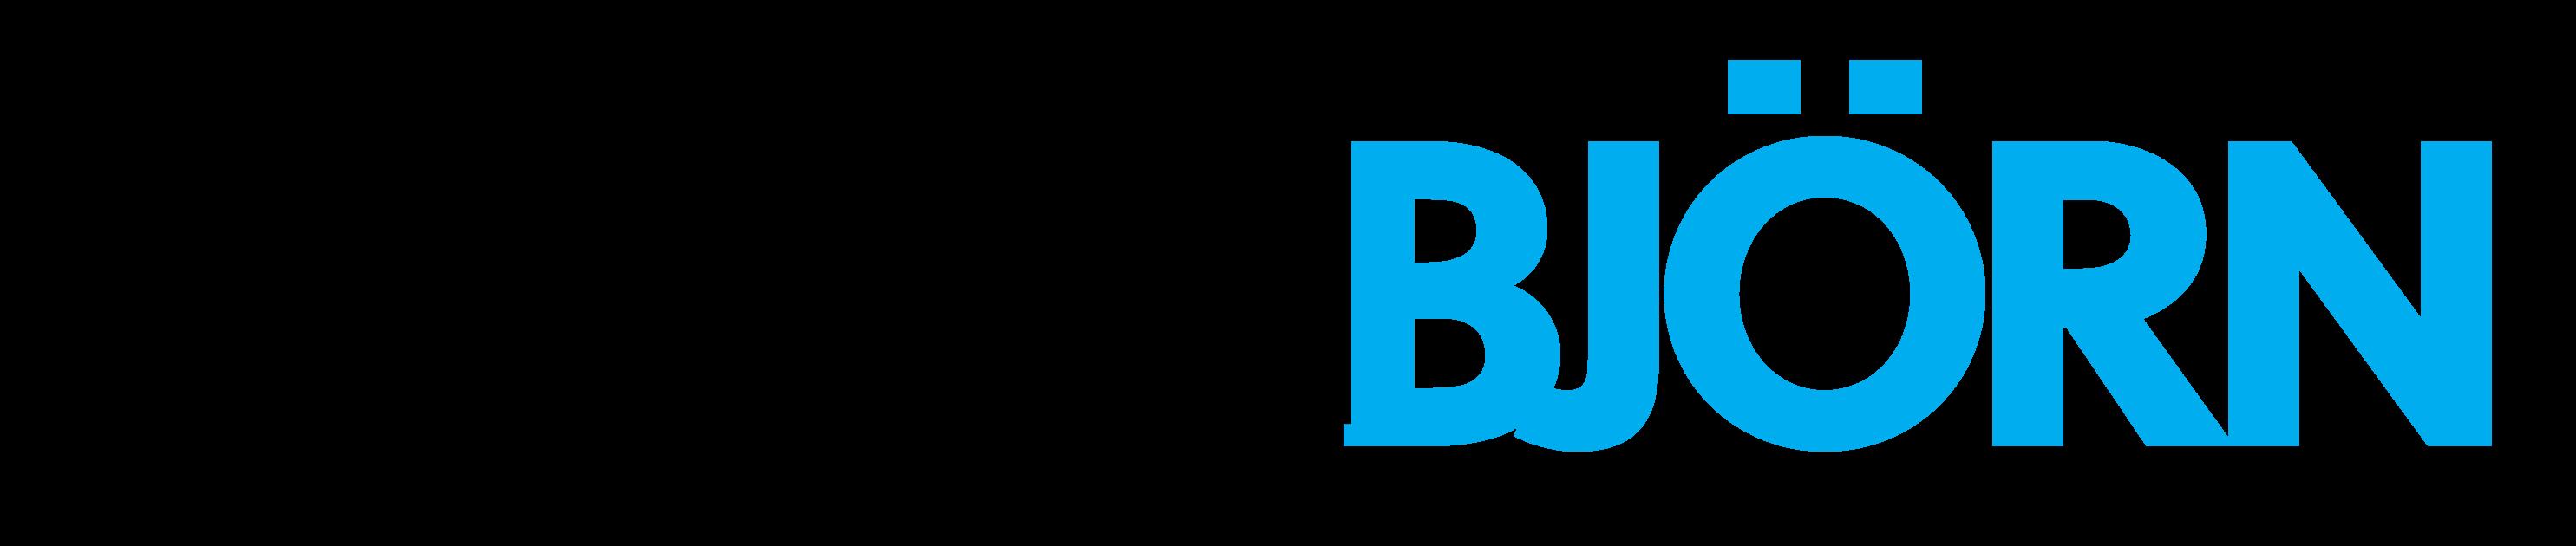 Bjorn Books